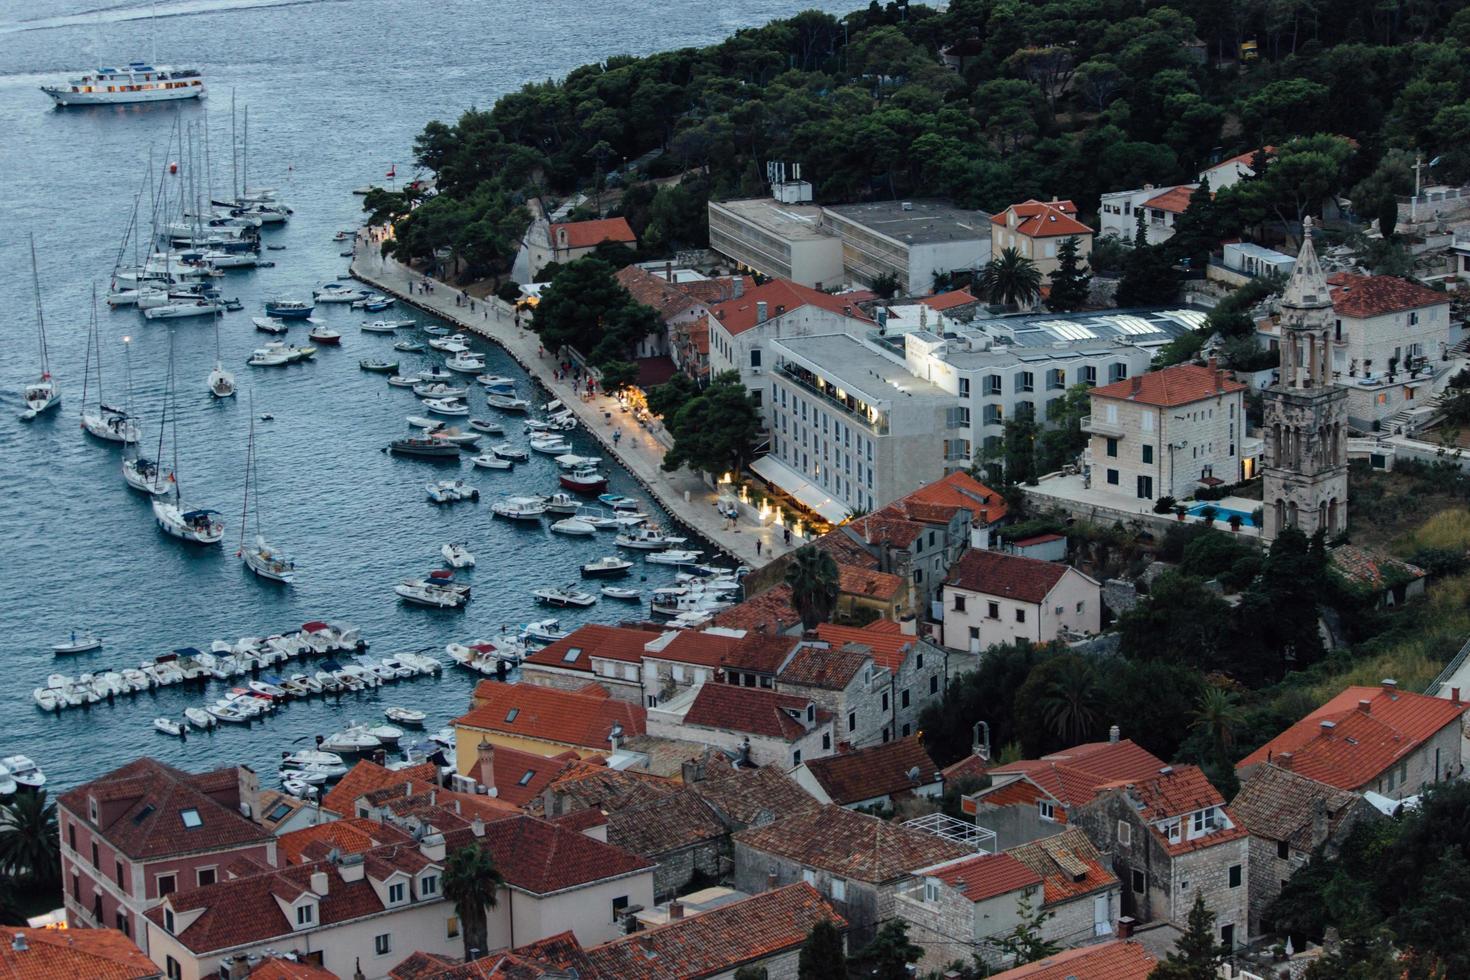 Boote und Yachten an der Stadt am Wasser foto